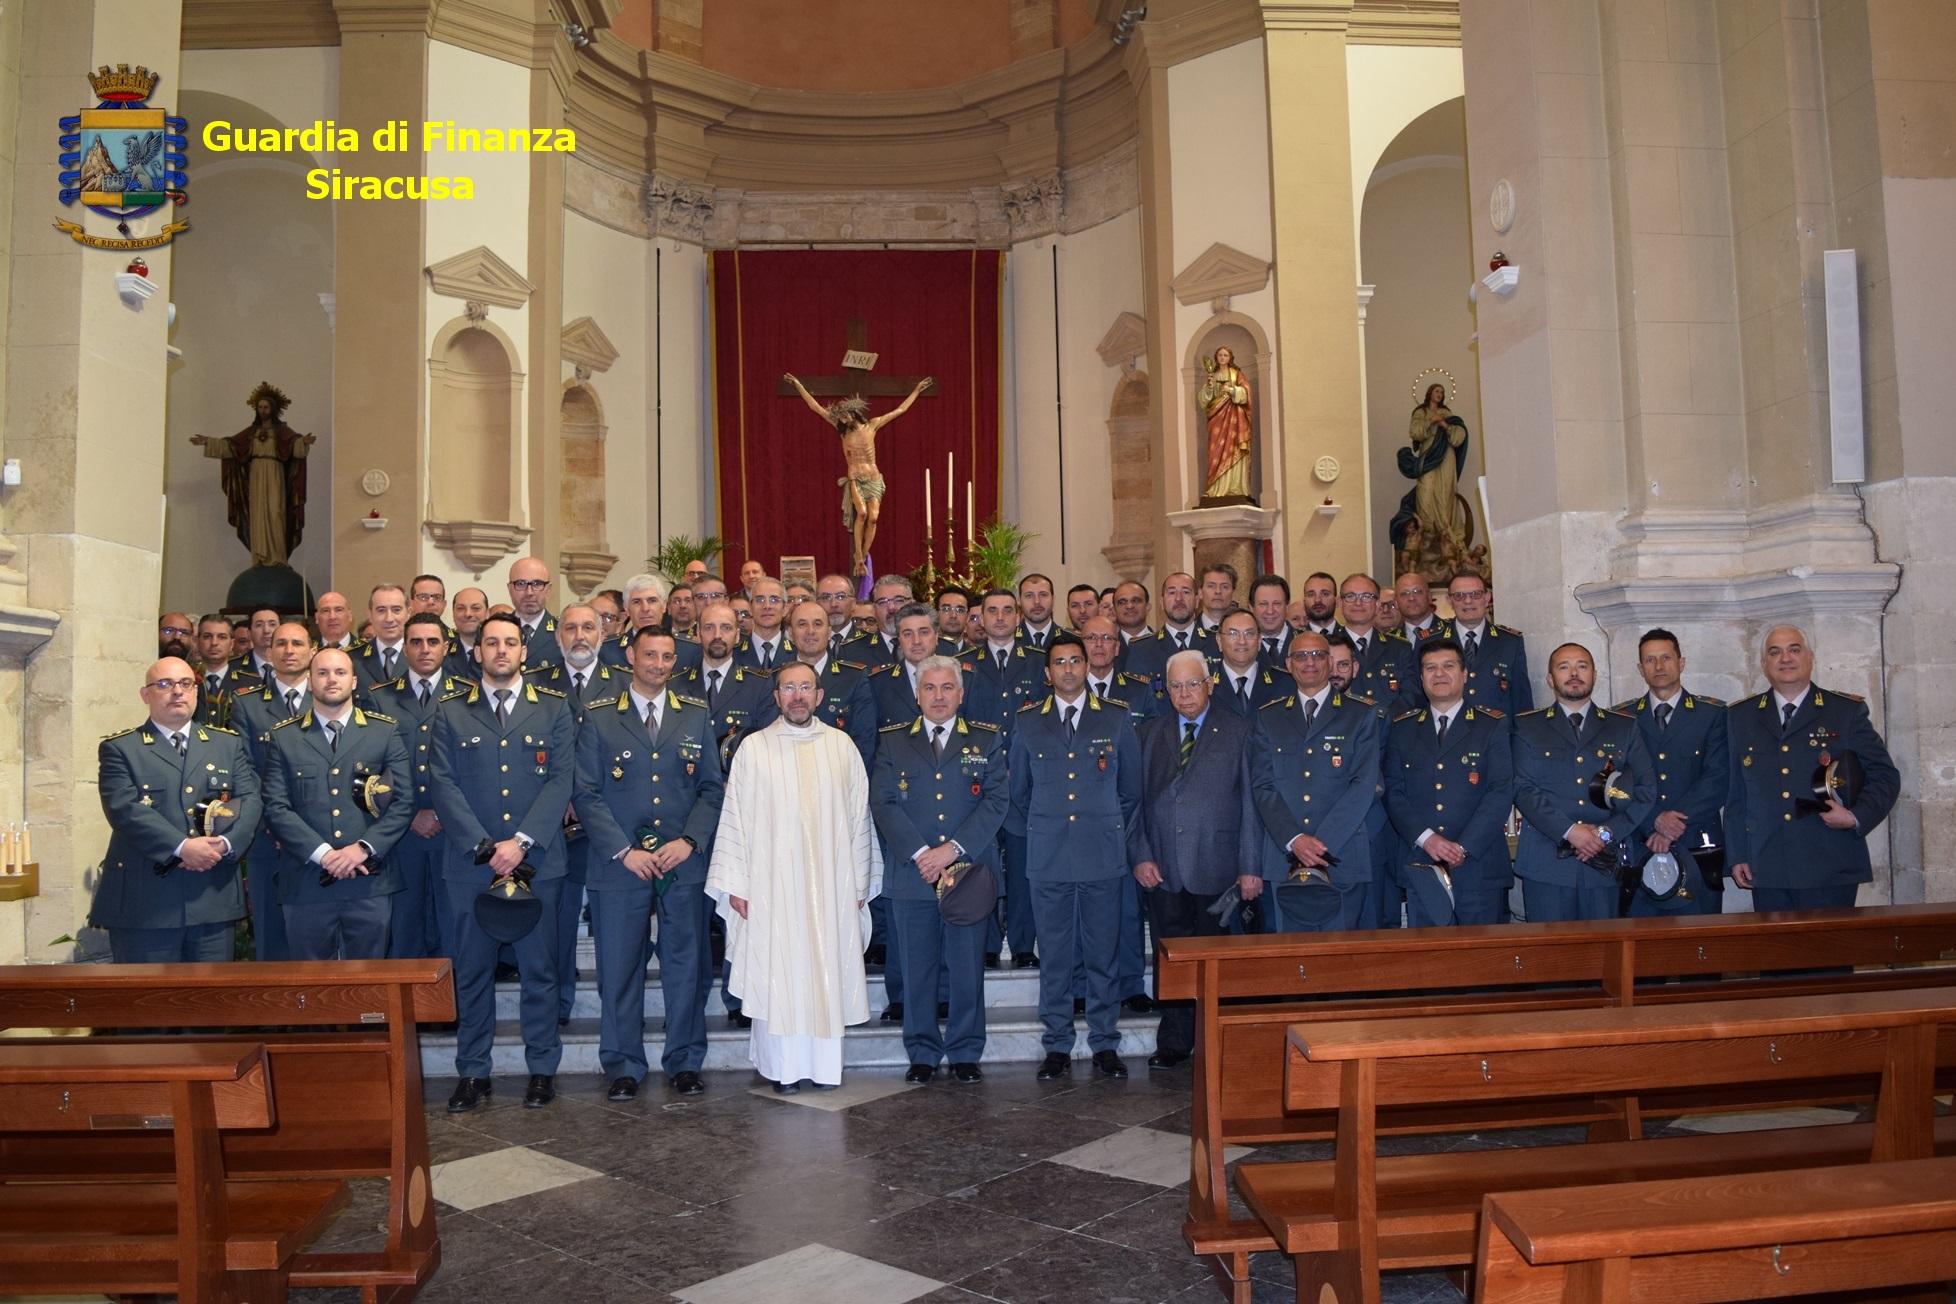 Siracusa, la Guardia di Finanza celebra oggi il precetto pasquale nella chiesa di Santa Lucia al Sepolcro.